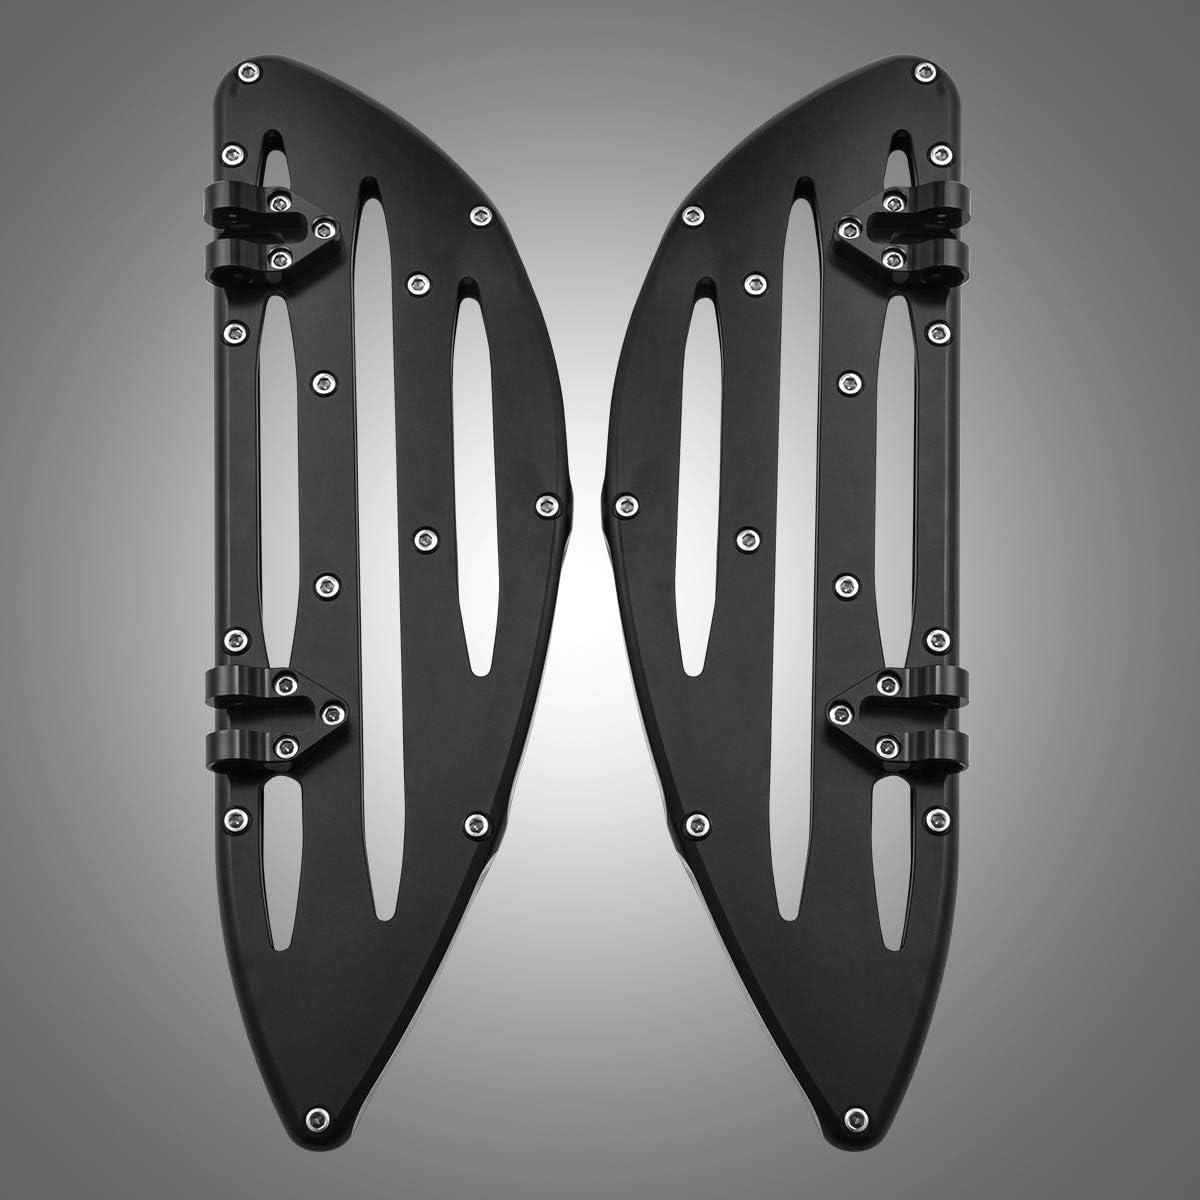 KaTur Moto Montage CNC Marche-Pied Avant Marchepieds Pieds P/édale De Frein Couvre Pieds Couverture pour Harley Touring FLH Road King